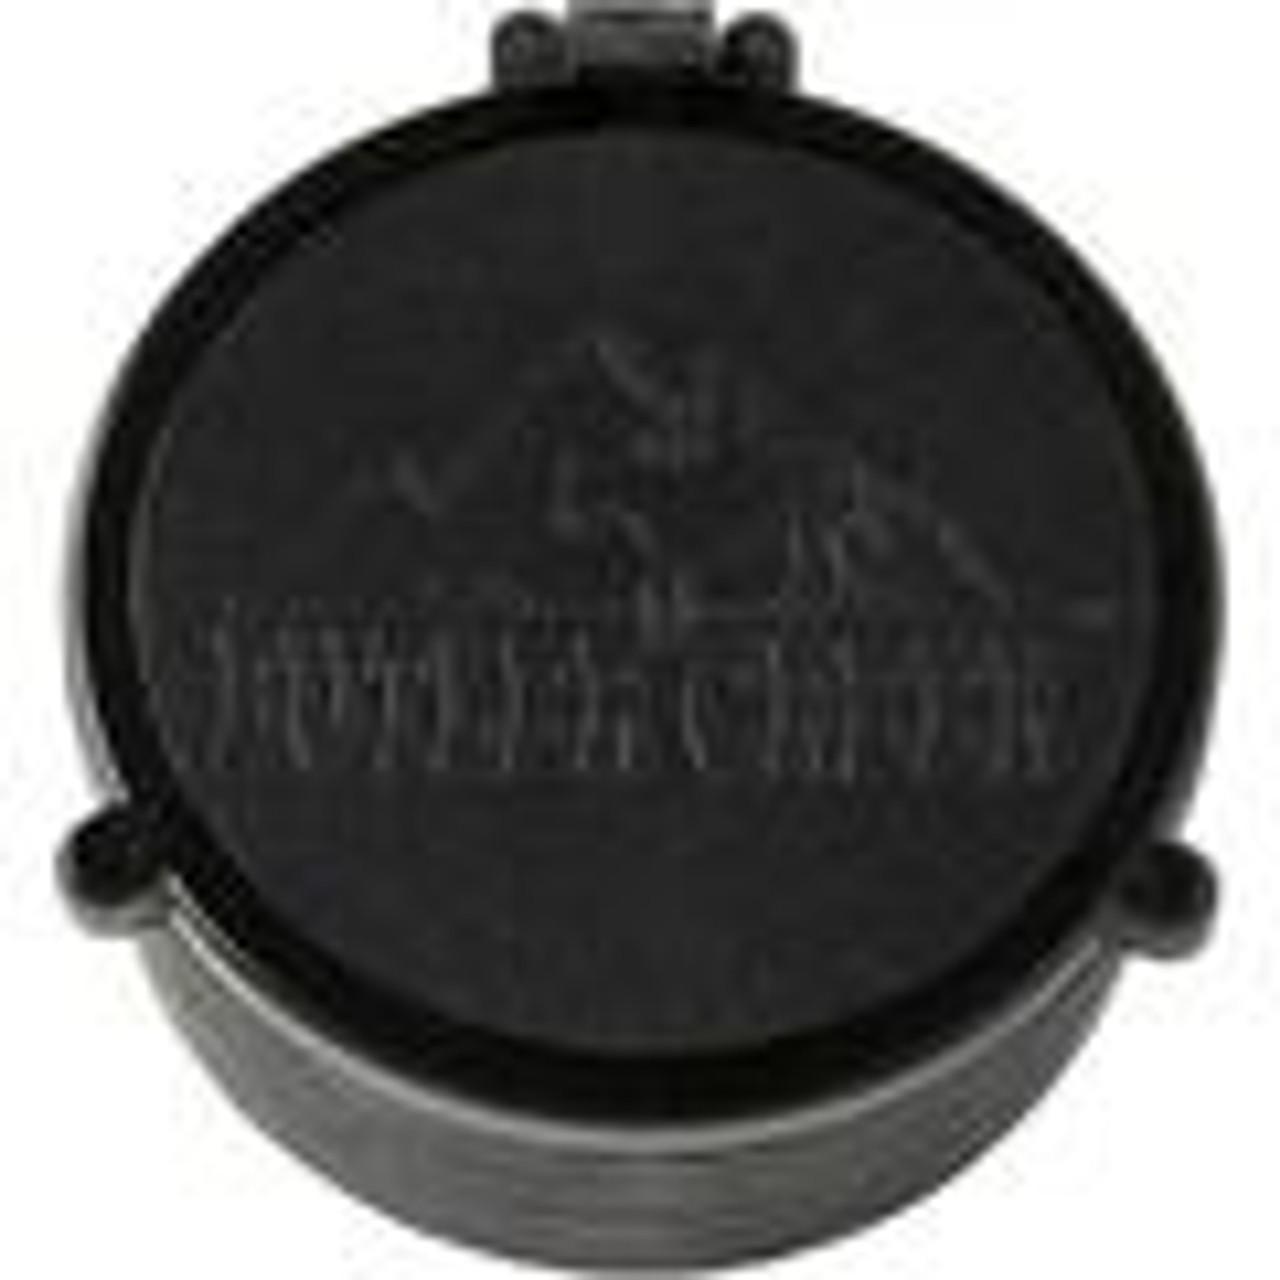 Butler Creek Multi-Flex Flip-Open Scope Covers - Objective Lens